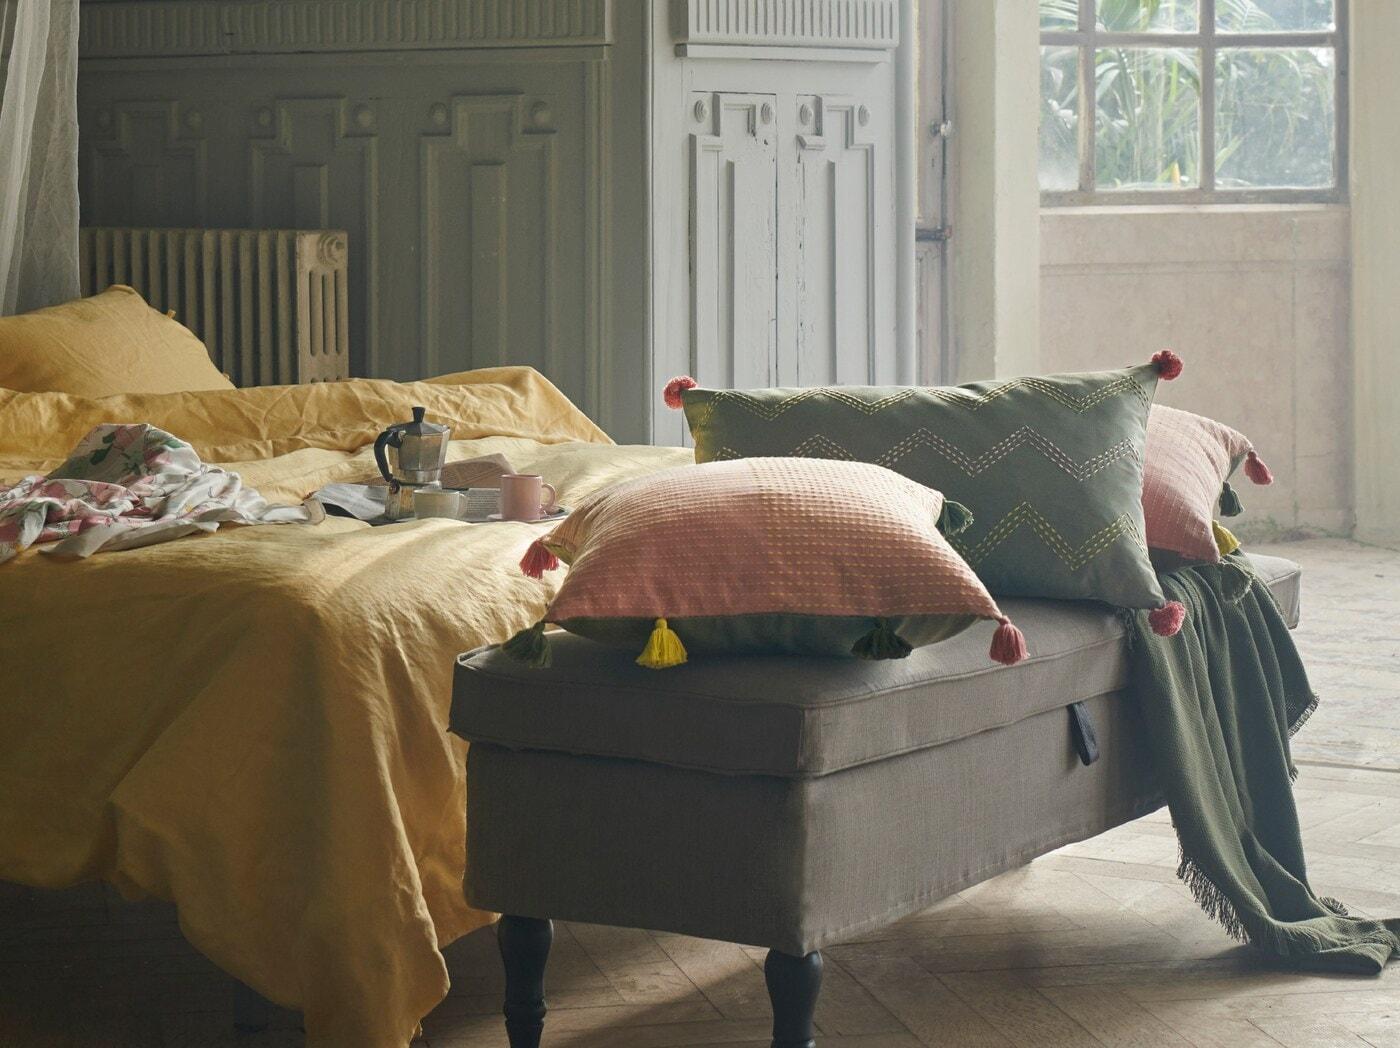 Potahy na polštáře KLARAFINA a MOAKAJSA v růžové a zelené položené na lavici před postelí se žlutým povlečením